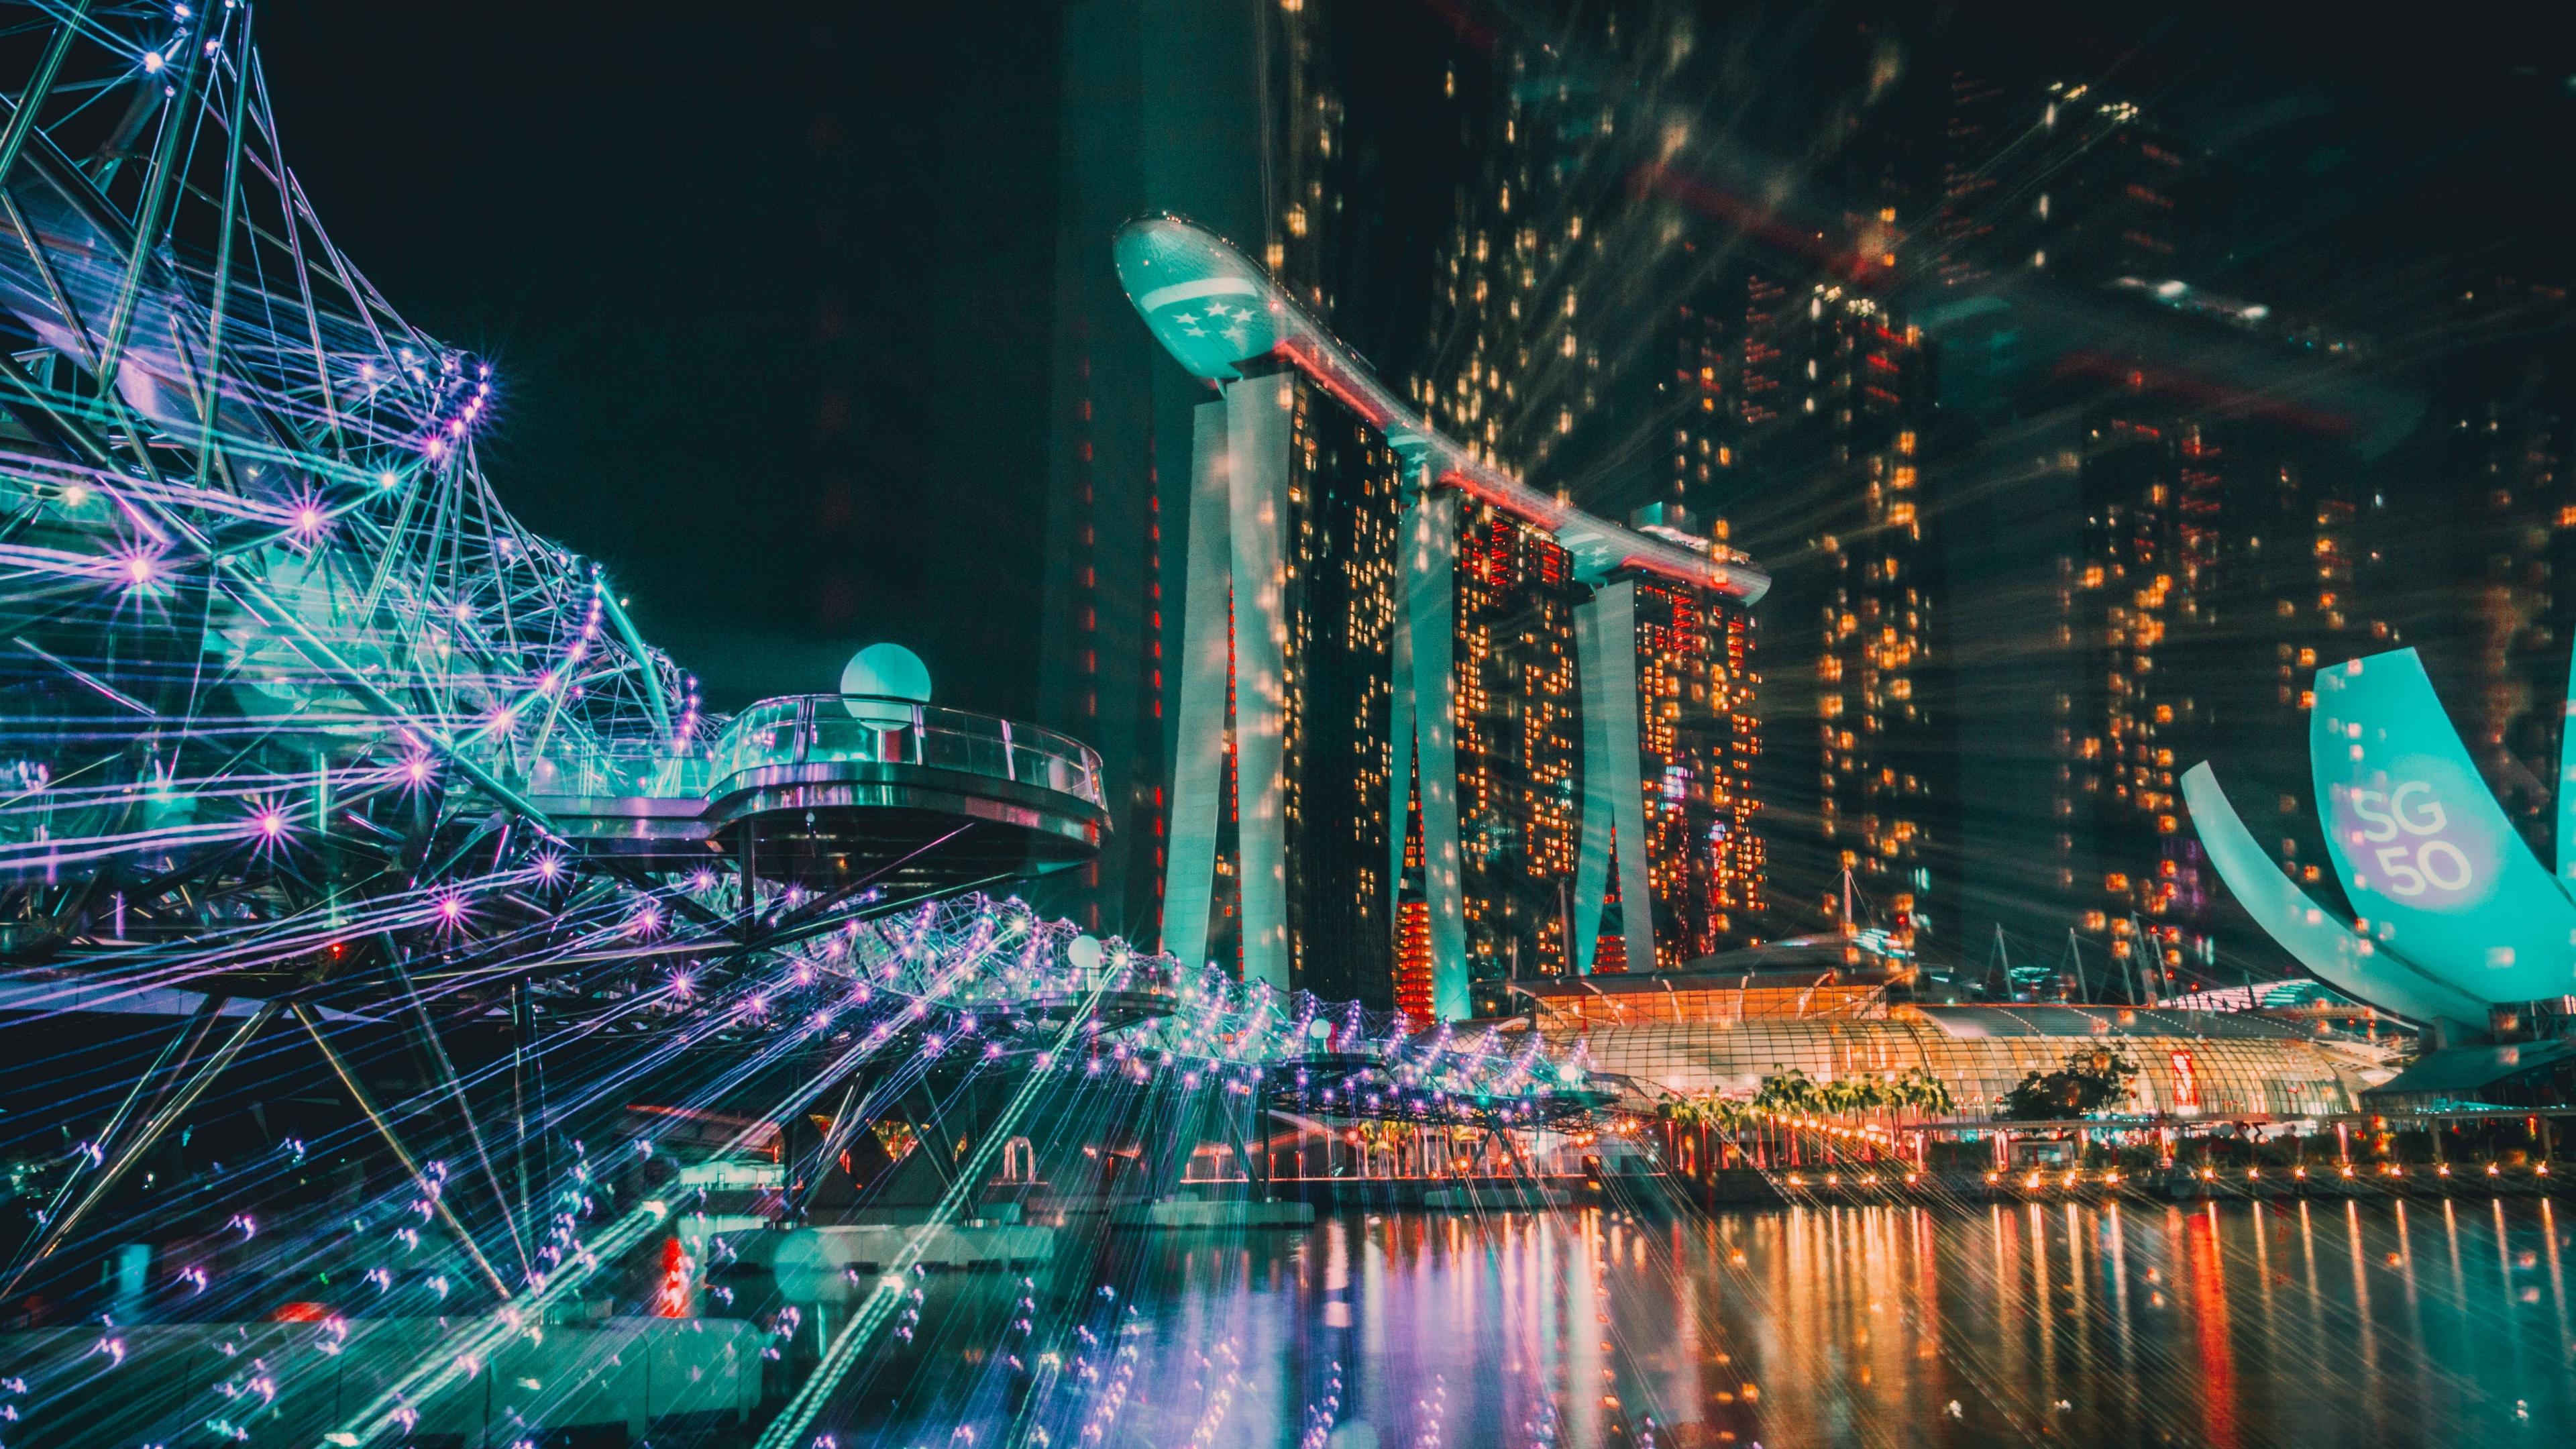 singapore night building 4k 1538065496 - singapore, night, building 4k - Singapore, Night, Building